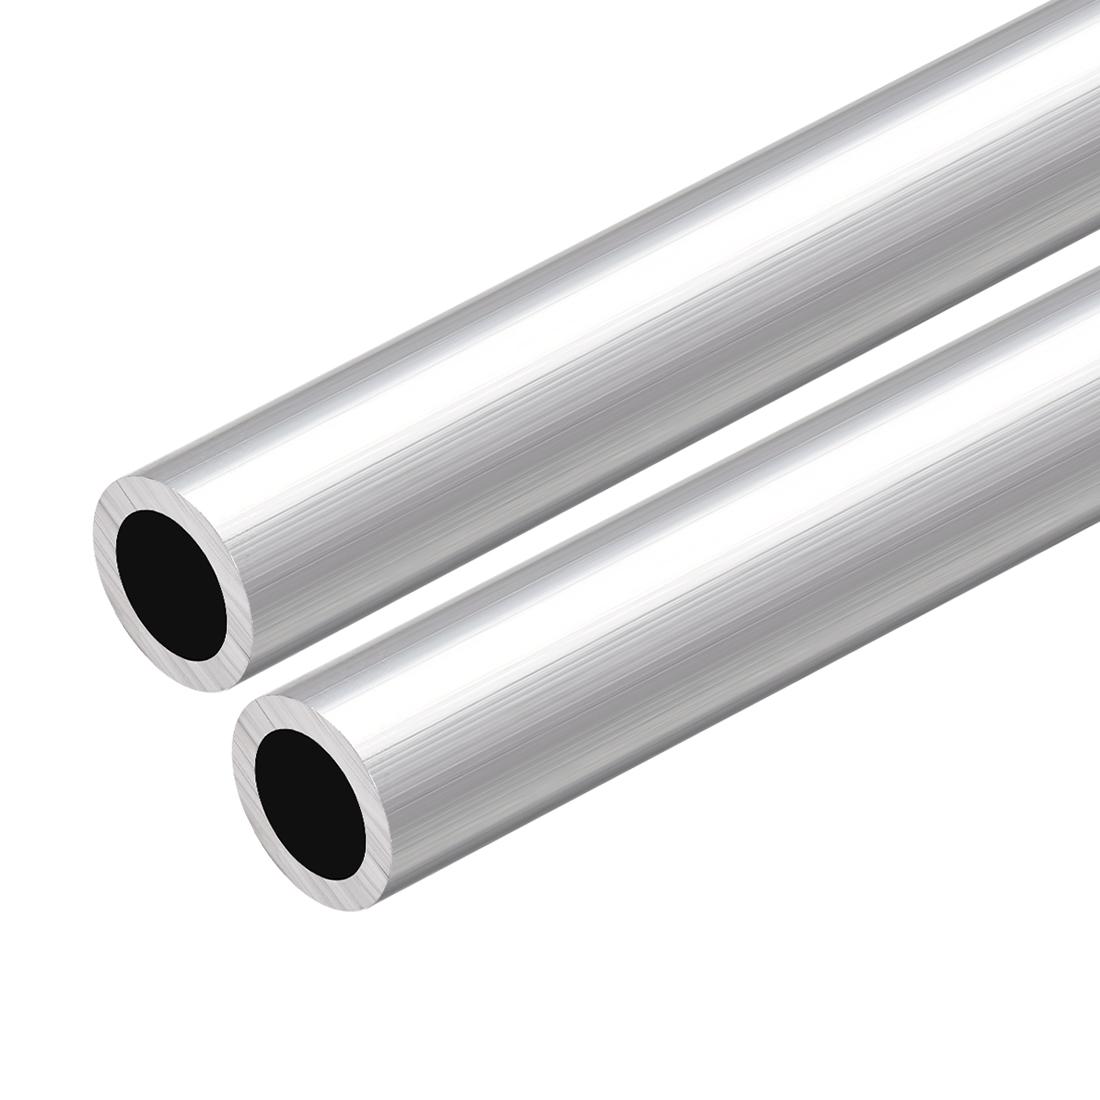 6063 Aluminum Round Tube 300mm Length 20mm OD 15mm Inner Dia Seamless Tube 2 Pcs